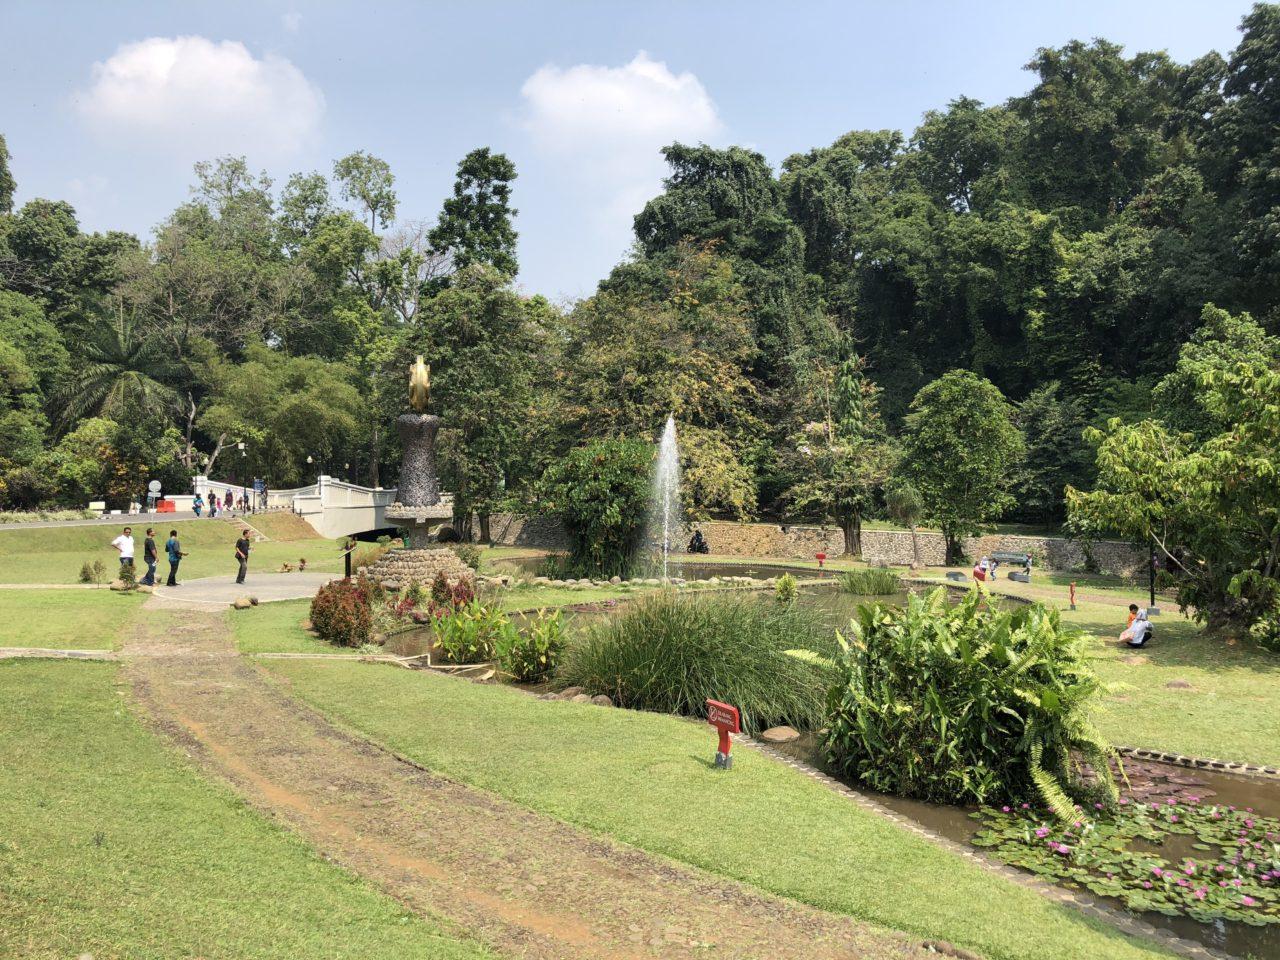 ボゴール植物園/Kebun Raya Bogor/Bogor Botanical Gardens